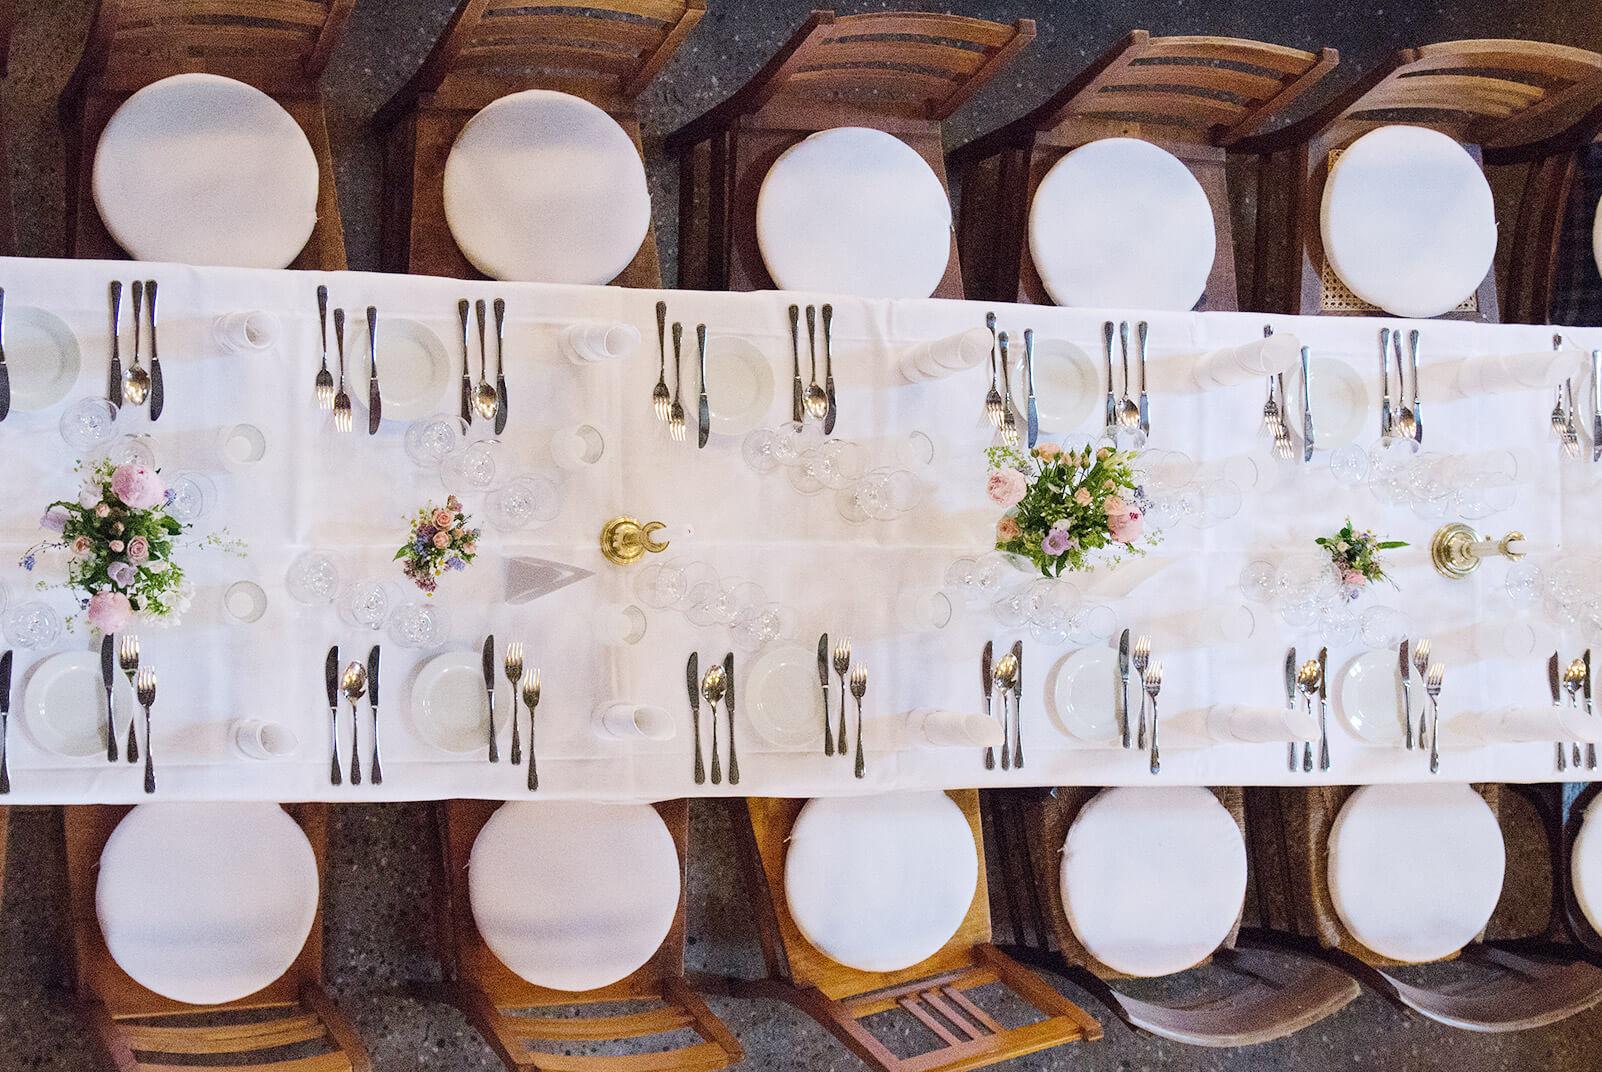 lange gedeckte Tafel mit schöner Blumdendeko